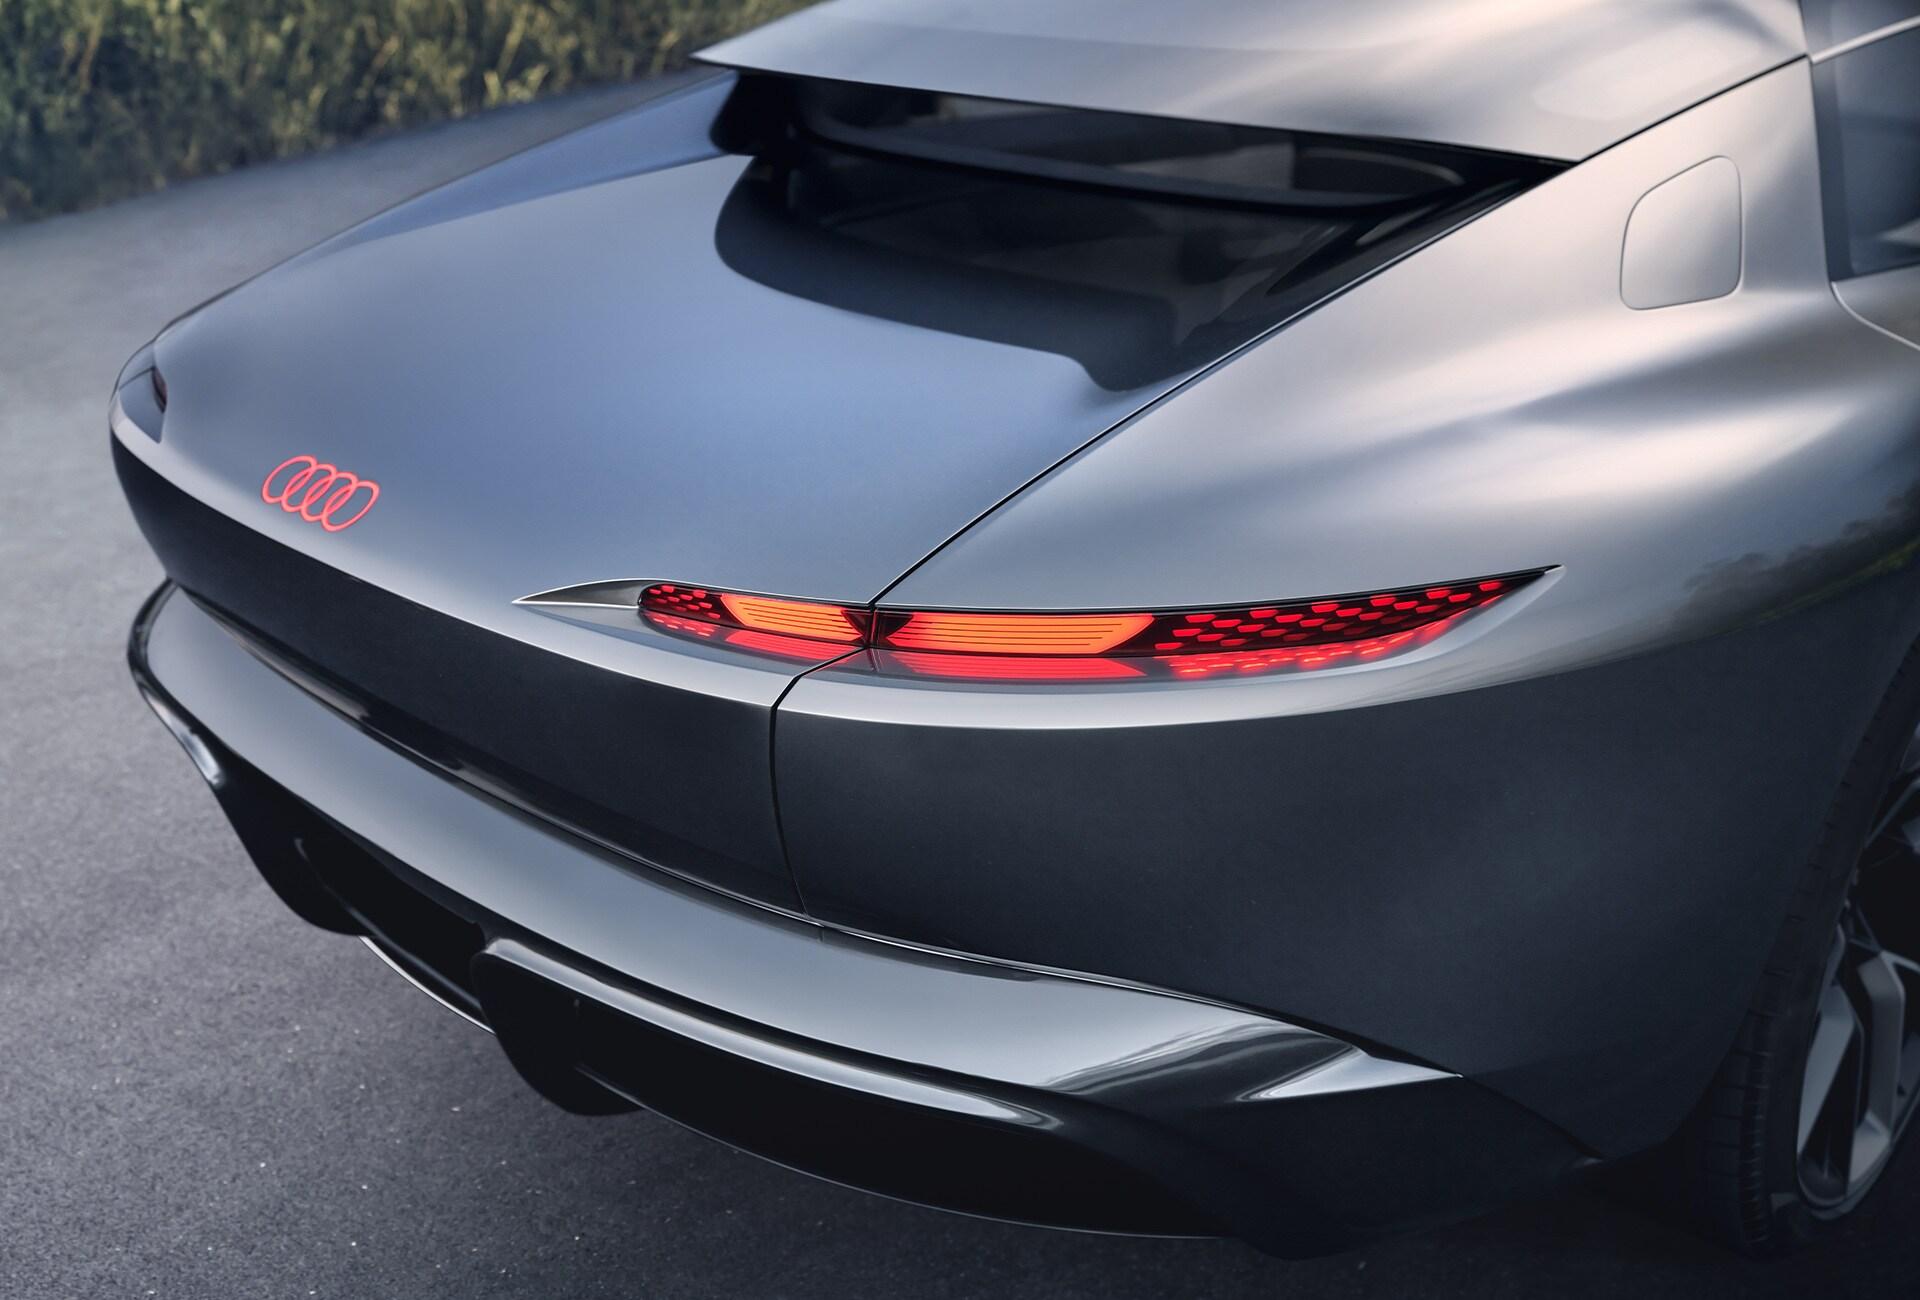 Zadek konceptnega vozila Audi grandsphere.